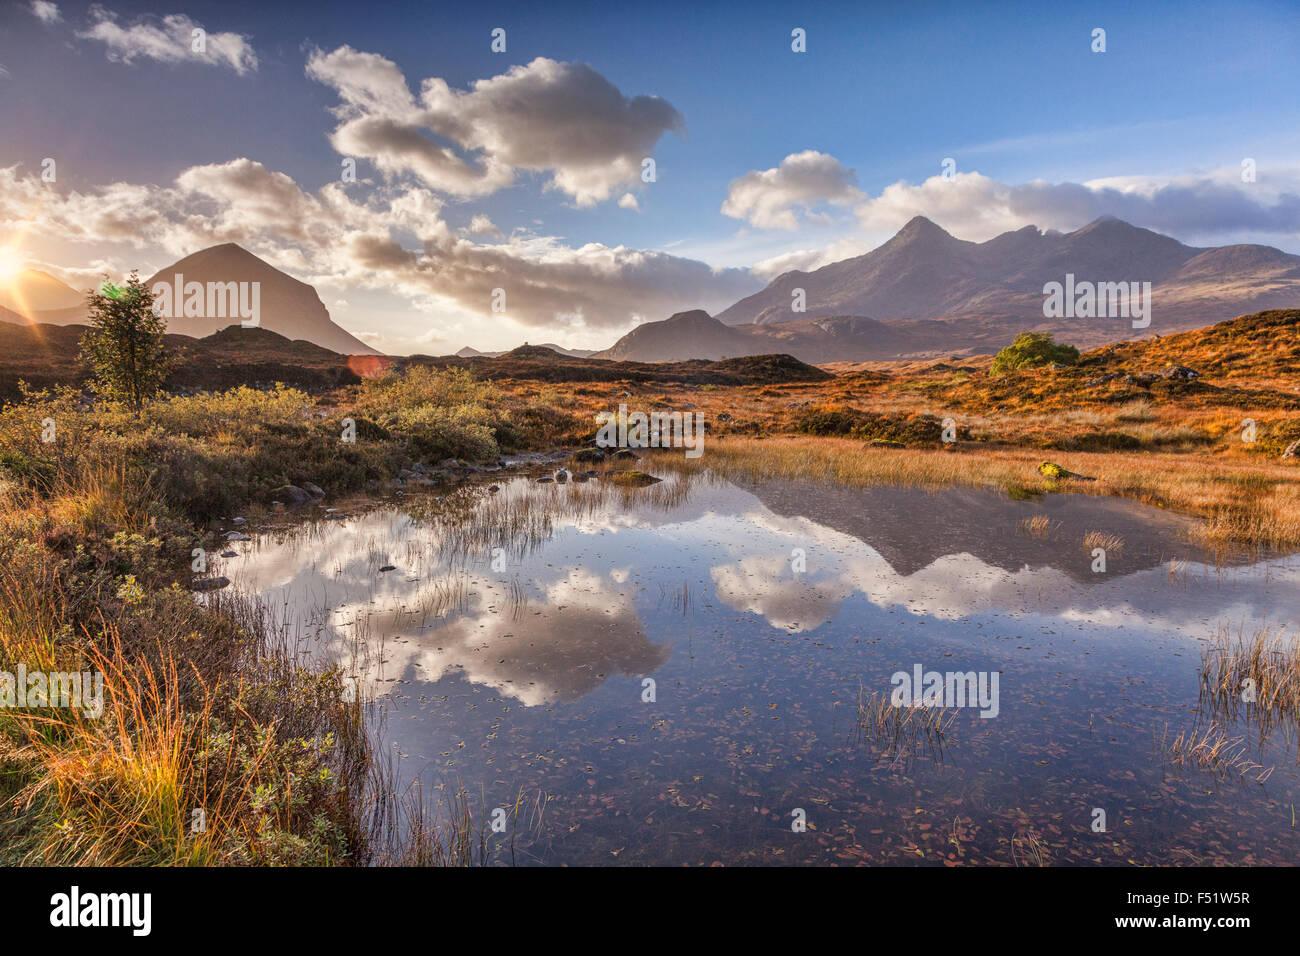 Die Cullins, Herbst, bei Sonnenaufgang, spiegelt sich in einer Lache des Wassers, Isle Of Skye, innere Hebriden, Stockbild